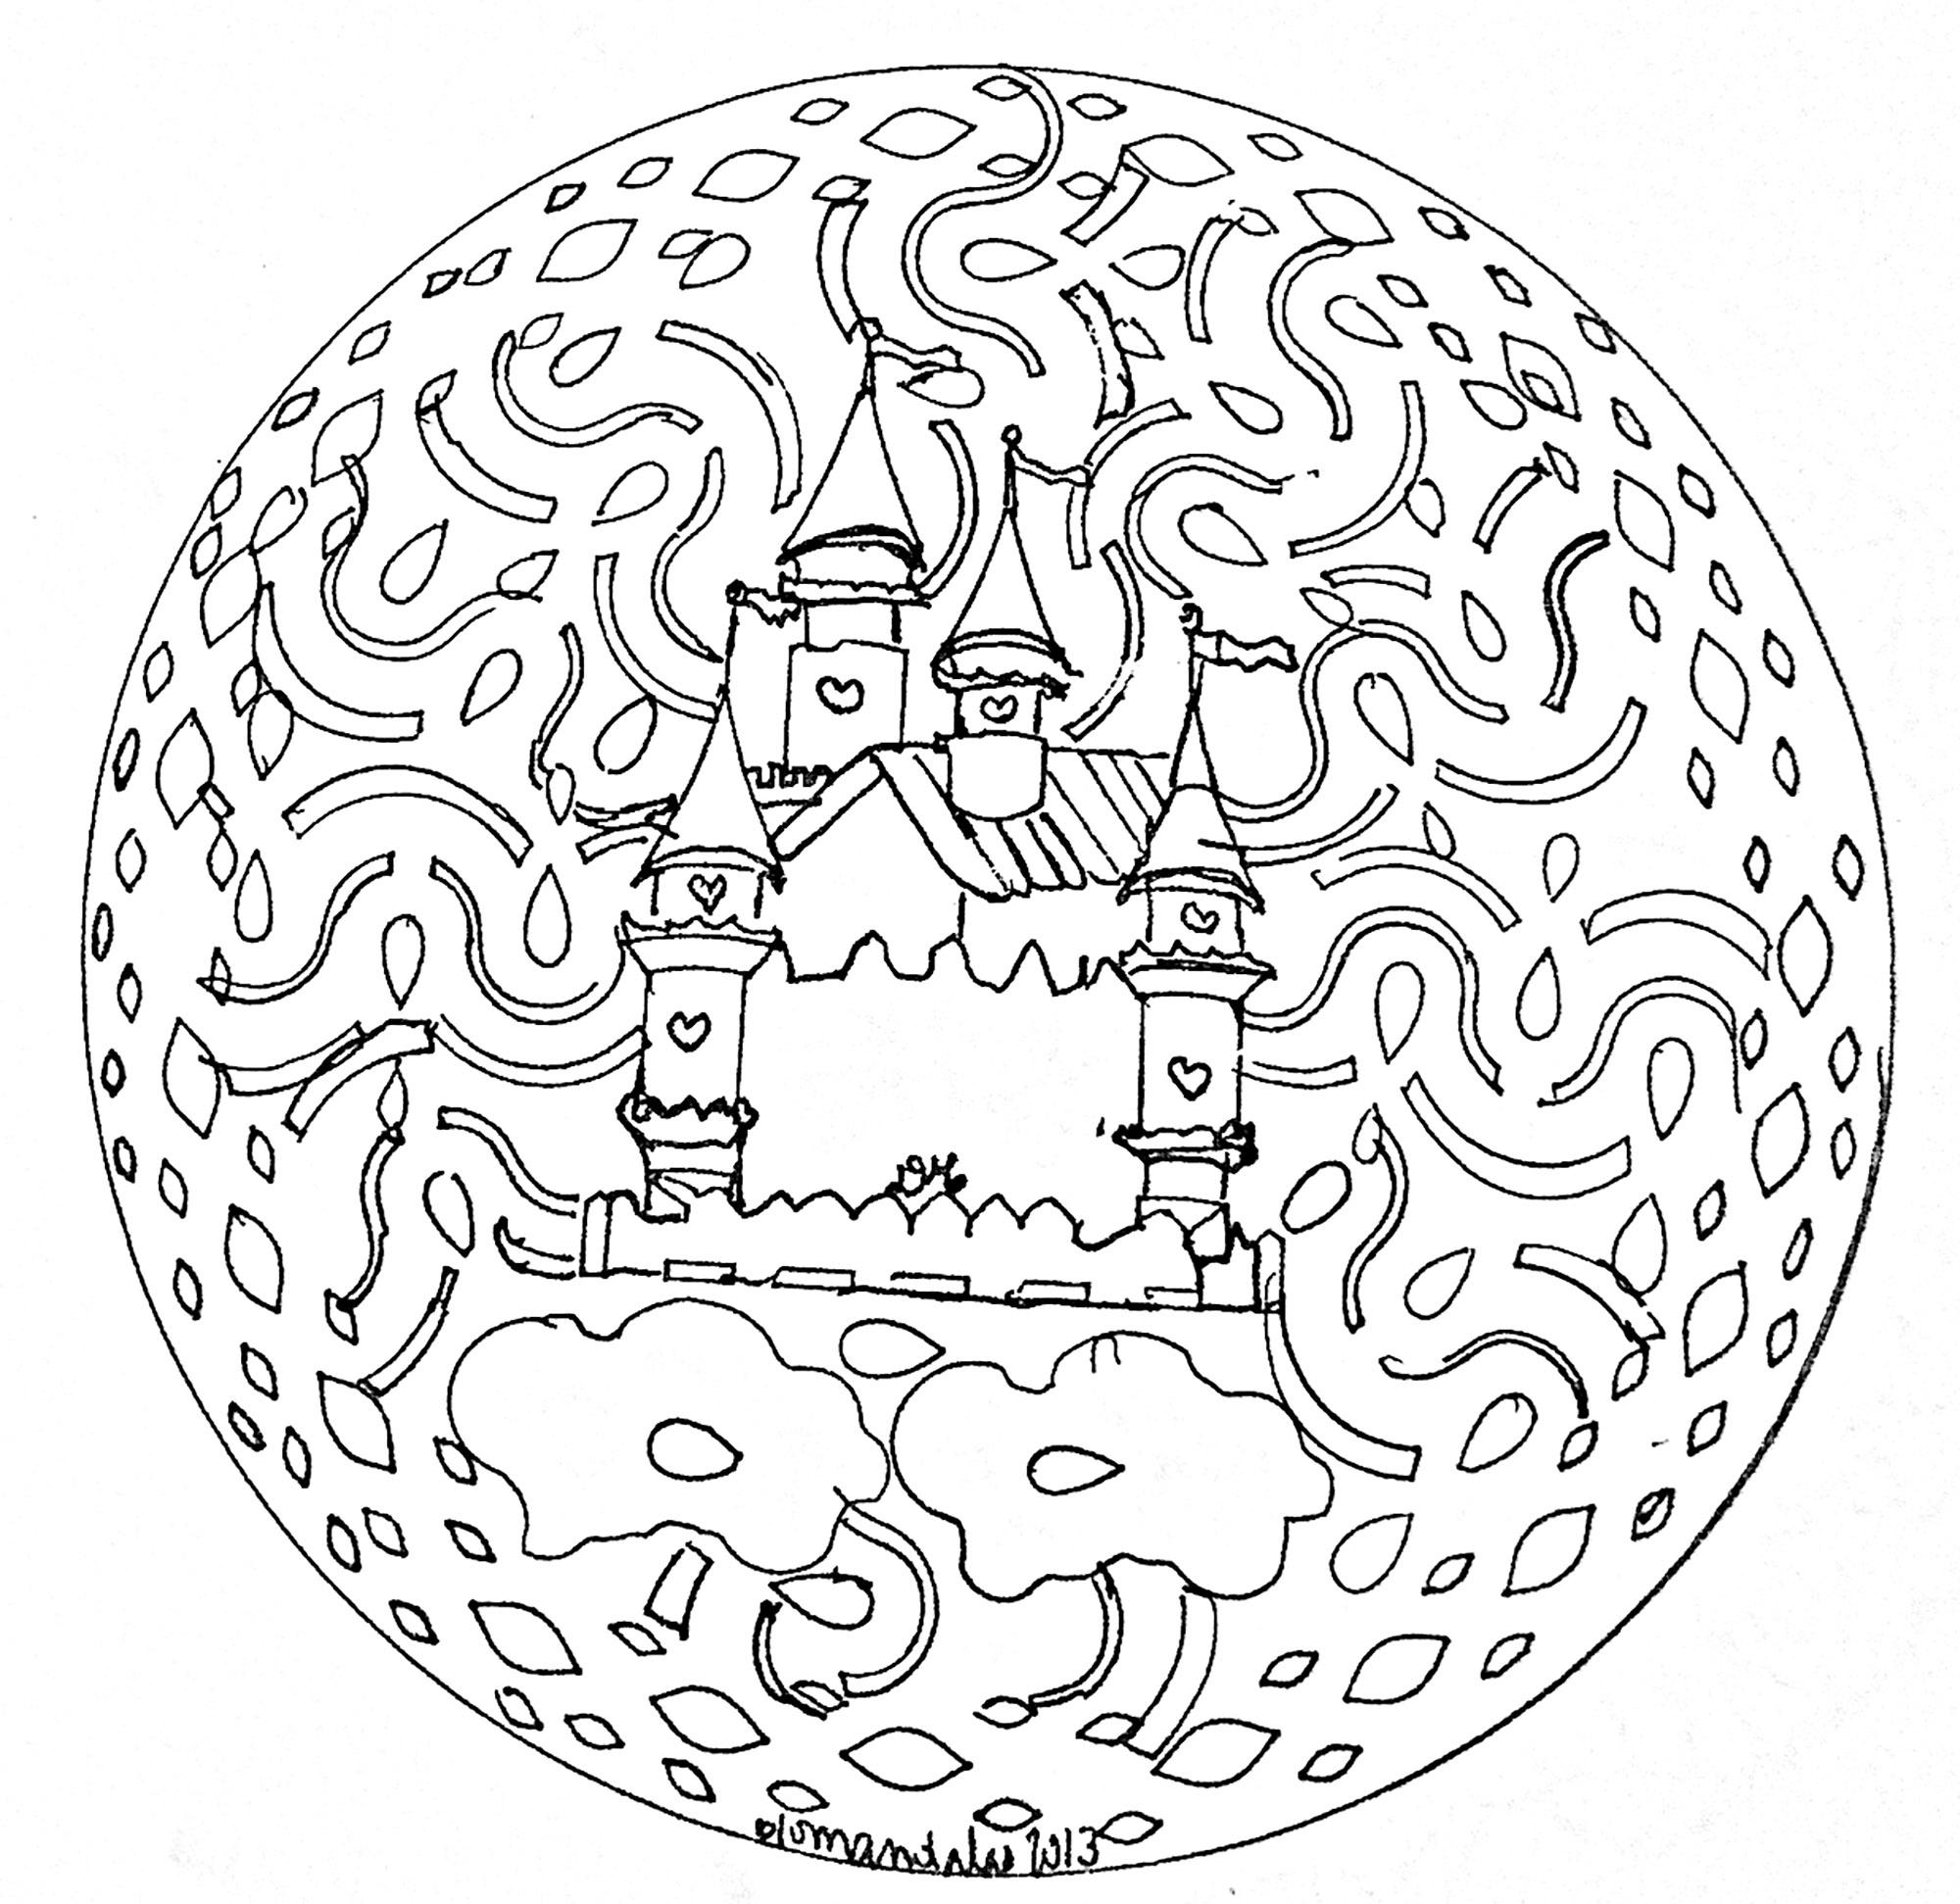 Disegni da colorare per adulti : Mandalas - 175